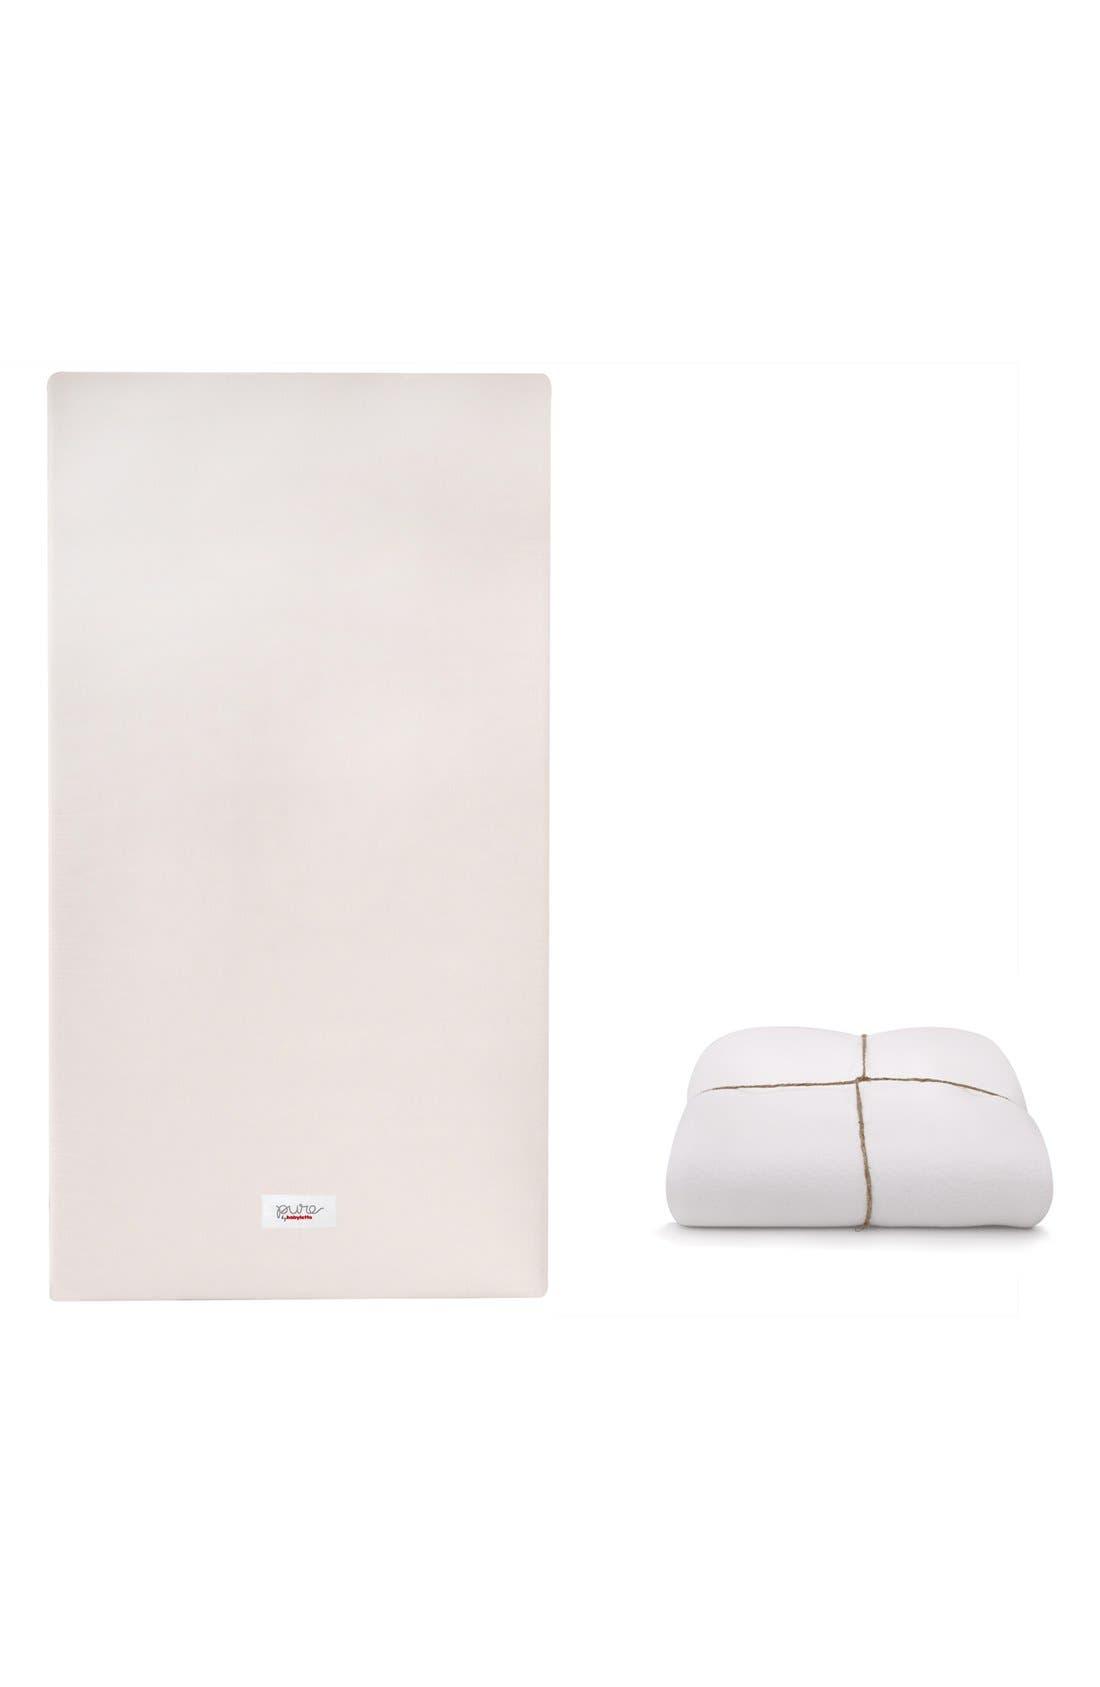 'Coco Core' Nontoxic Crib Mattress & Water Repellent SMART Cover,                         Main,                         color, White